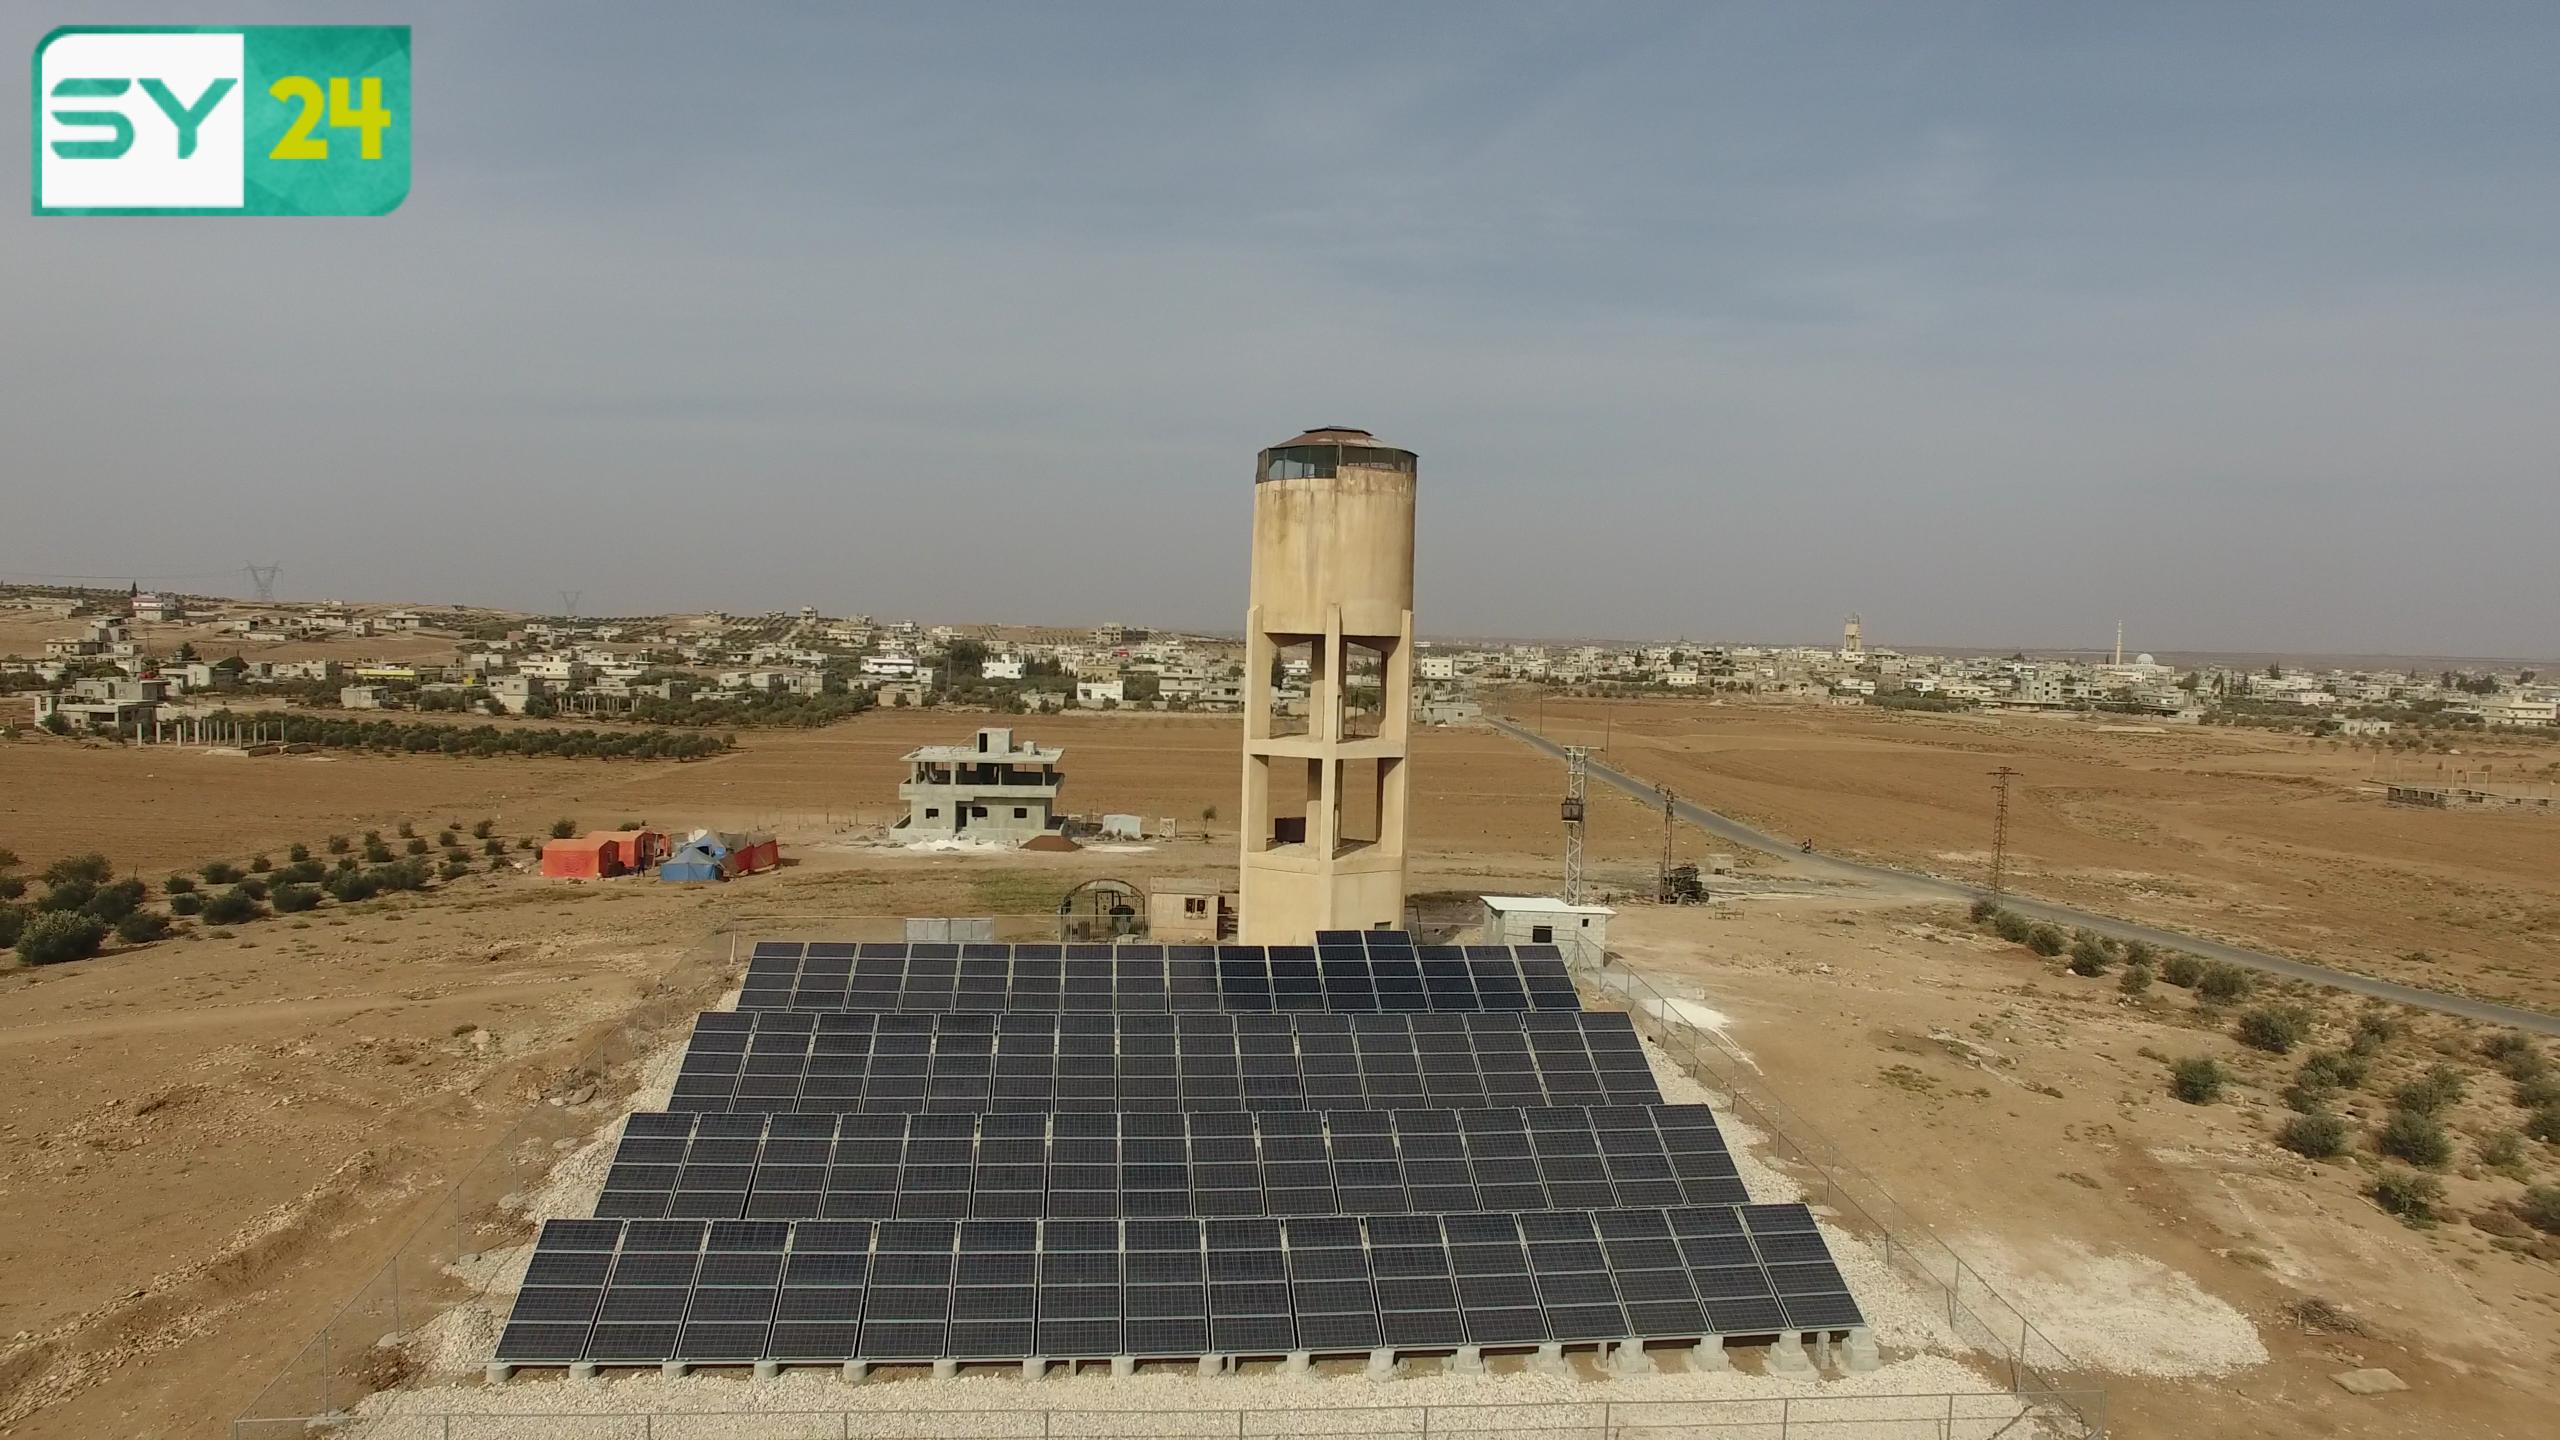 """حاجة أهالي ريف درعا للماء دفعتهم لتسخير الطاقة البديلة (ألواح الطاقة الشمسية) لأن تكون مصدراً أساسياً لتشغيل """"مشروع بئر المياه في بلدة نصيب"""" بريف درع"""